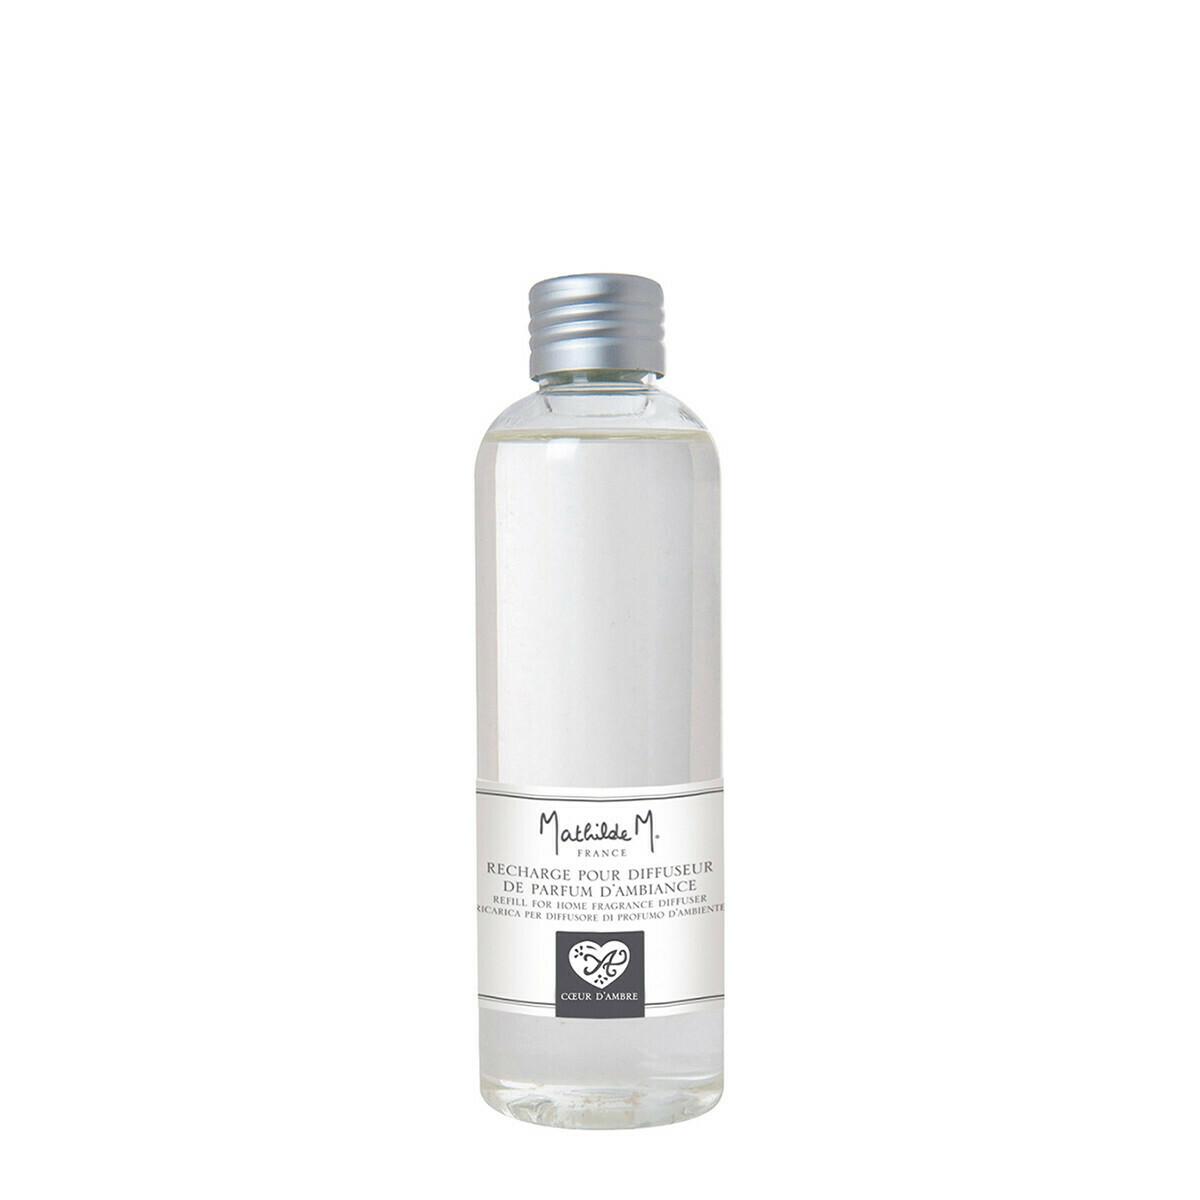 RECHARGE POUR DIFFUSEUR INTEMPOREL DE PARFUM D'AMBIANCE - 200 ml - COEUR D'AMBRE